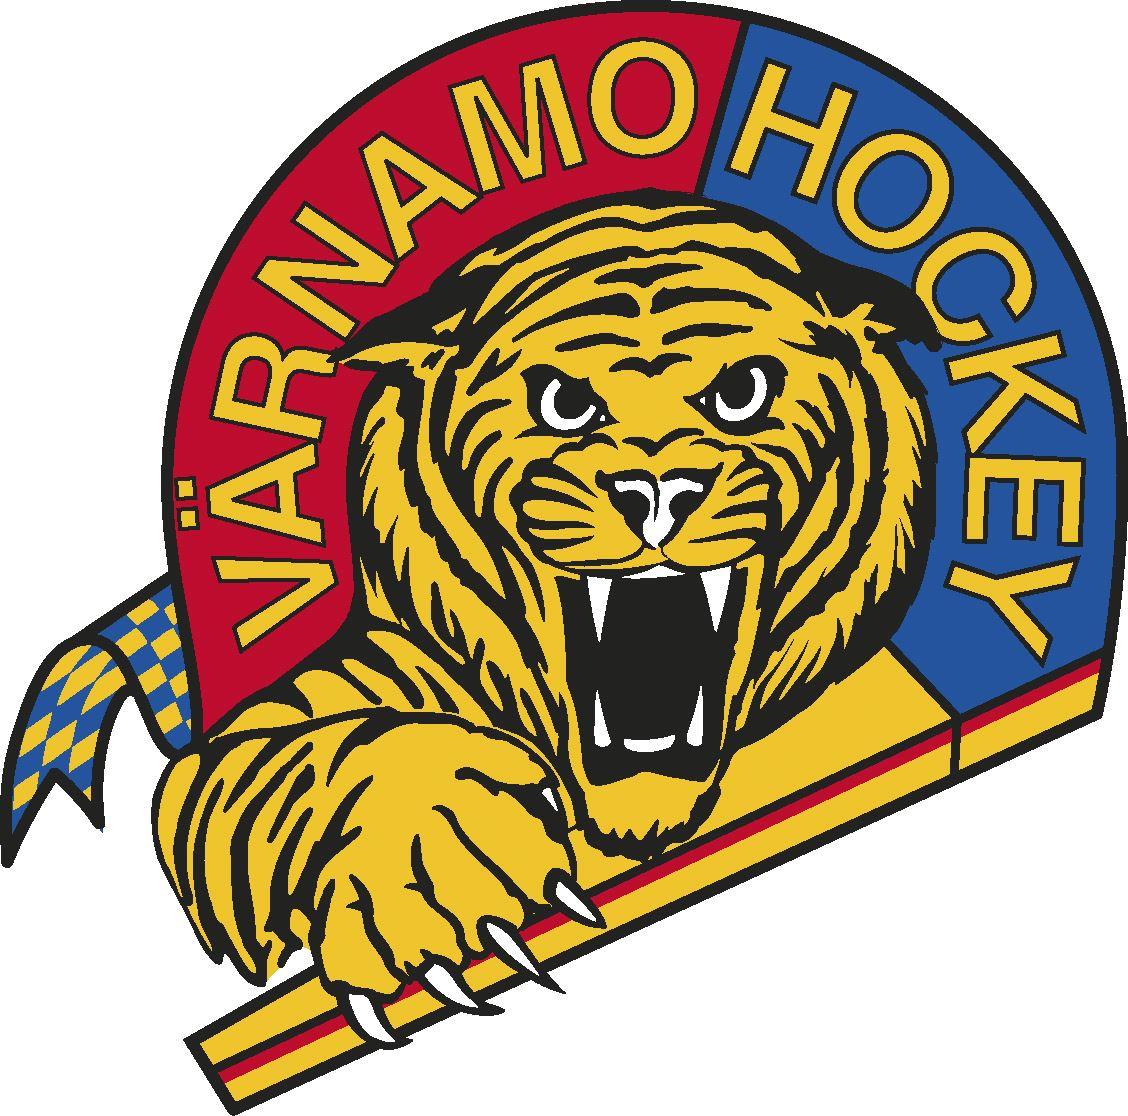 Värnamo Hockey - Kungsälvs IK